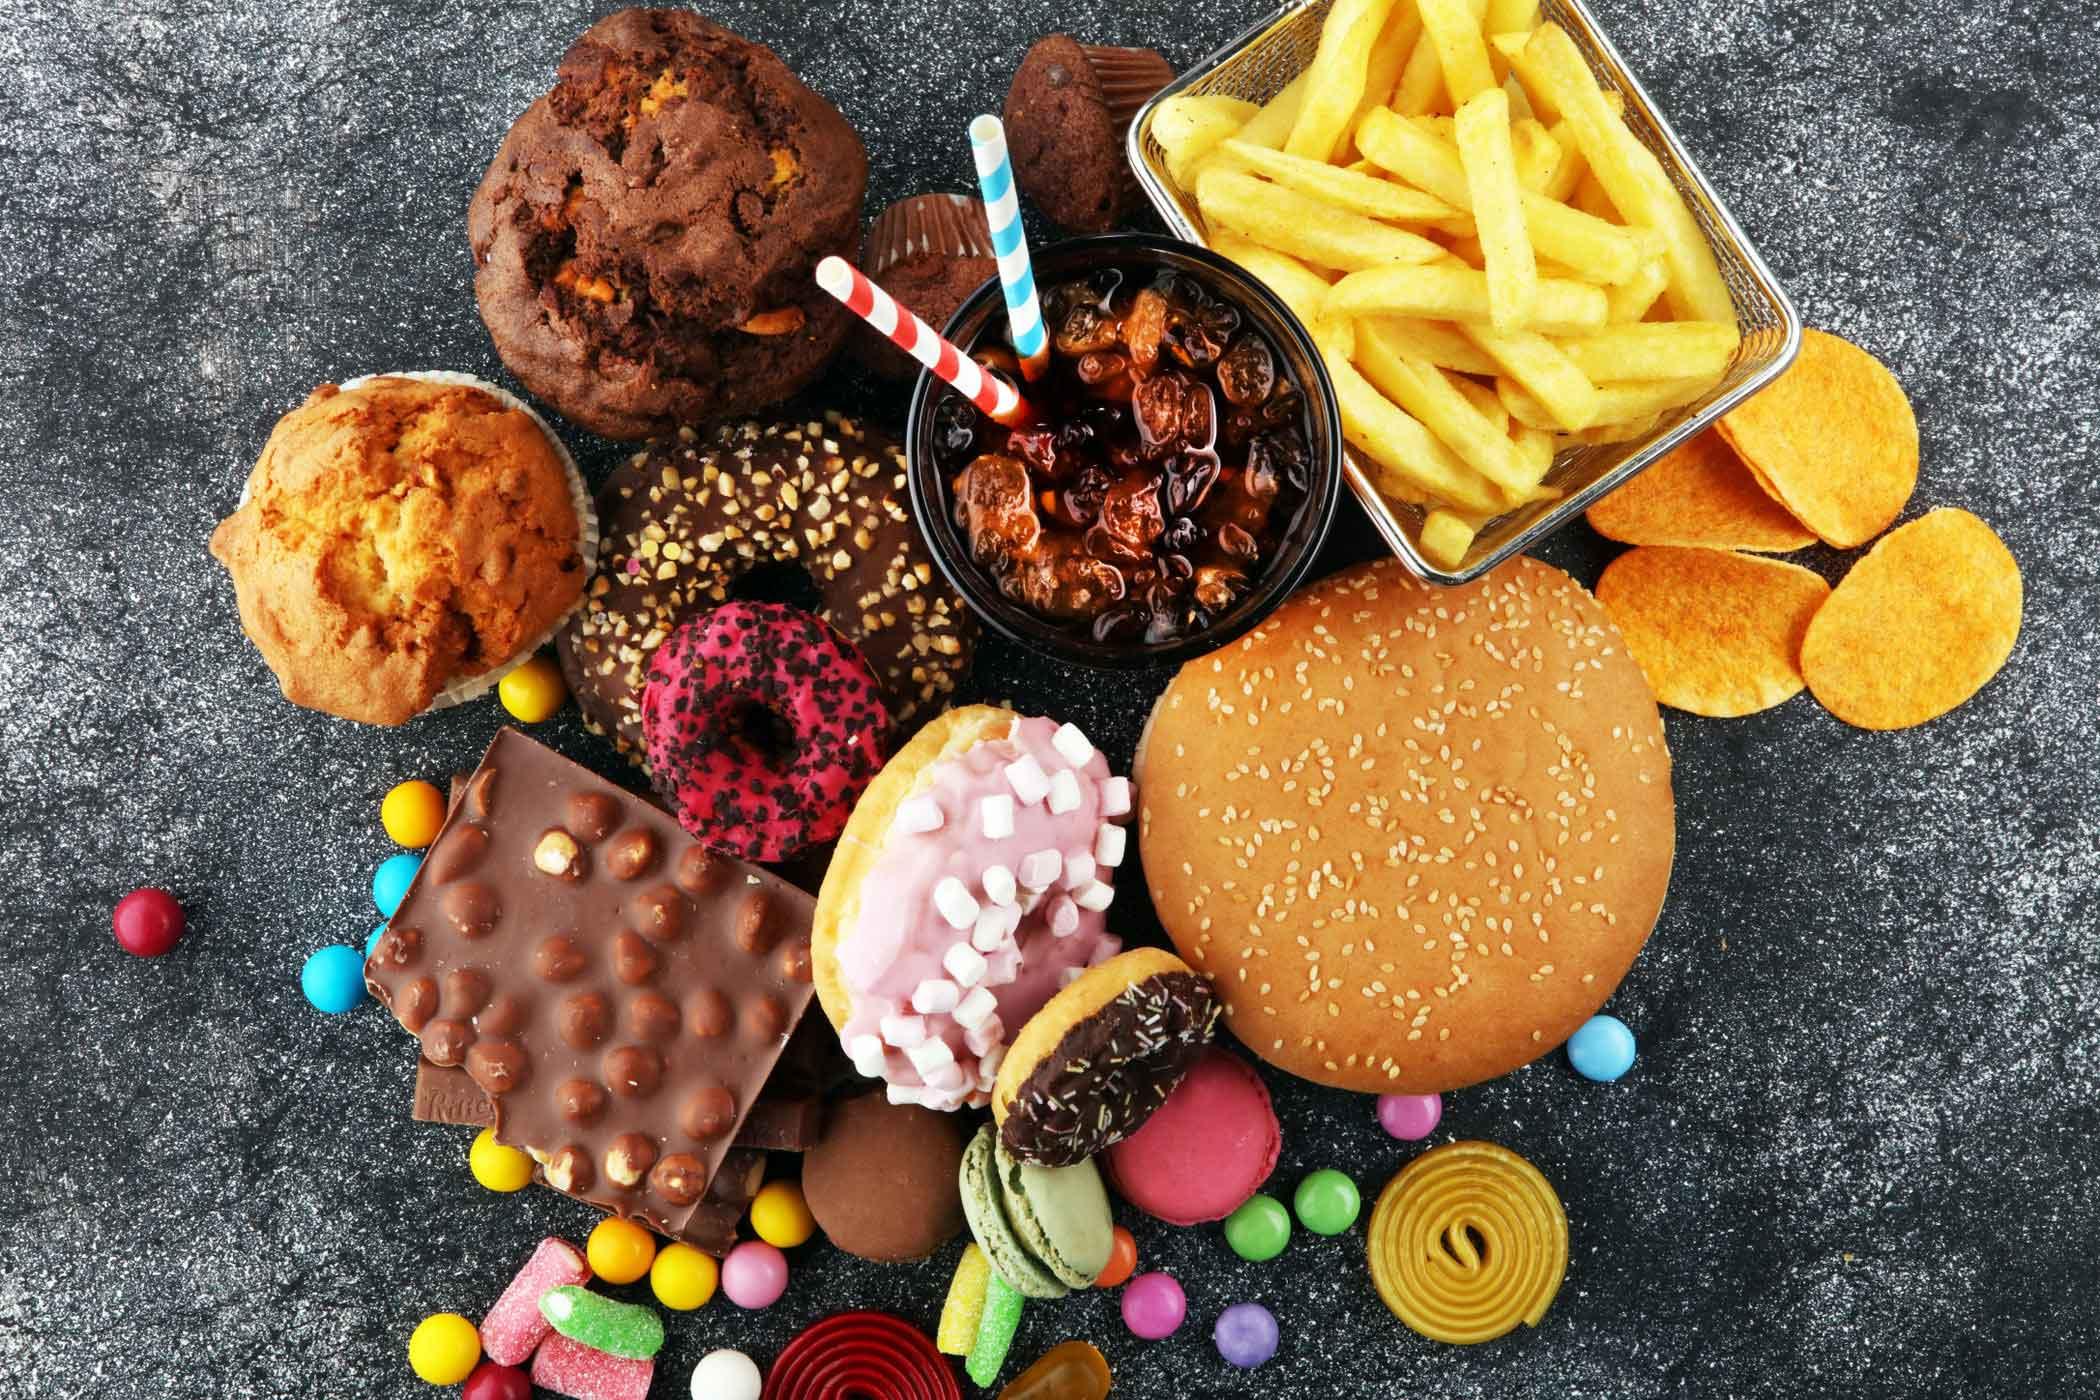 غذاهای ممنوعه برای دیابتی ها   خدمات پرستاری در منزل مهرپرور